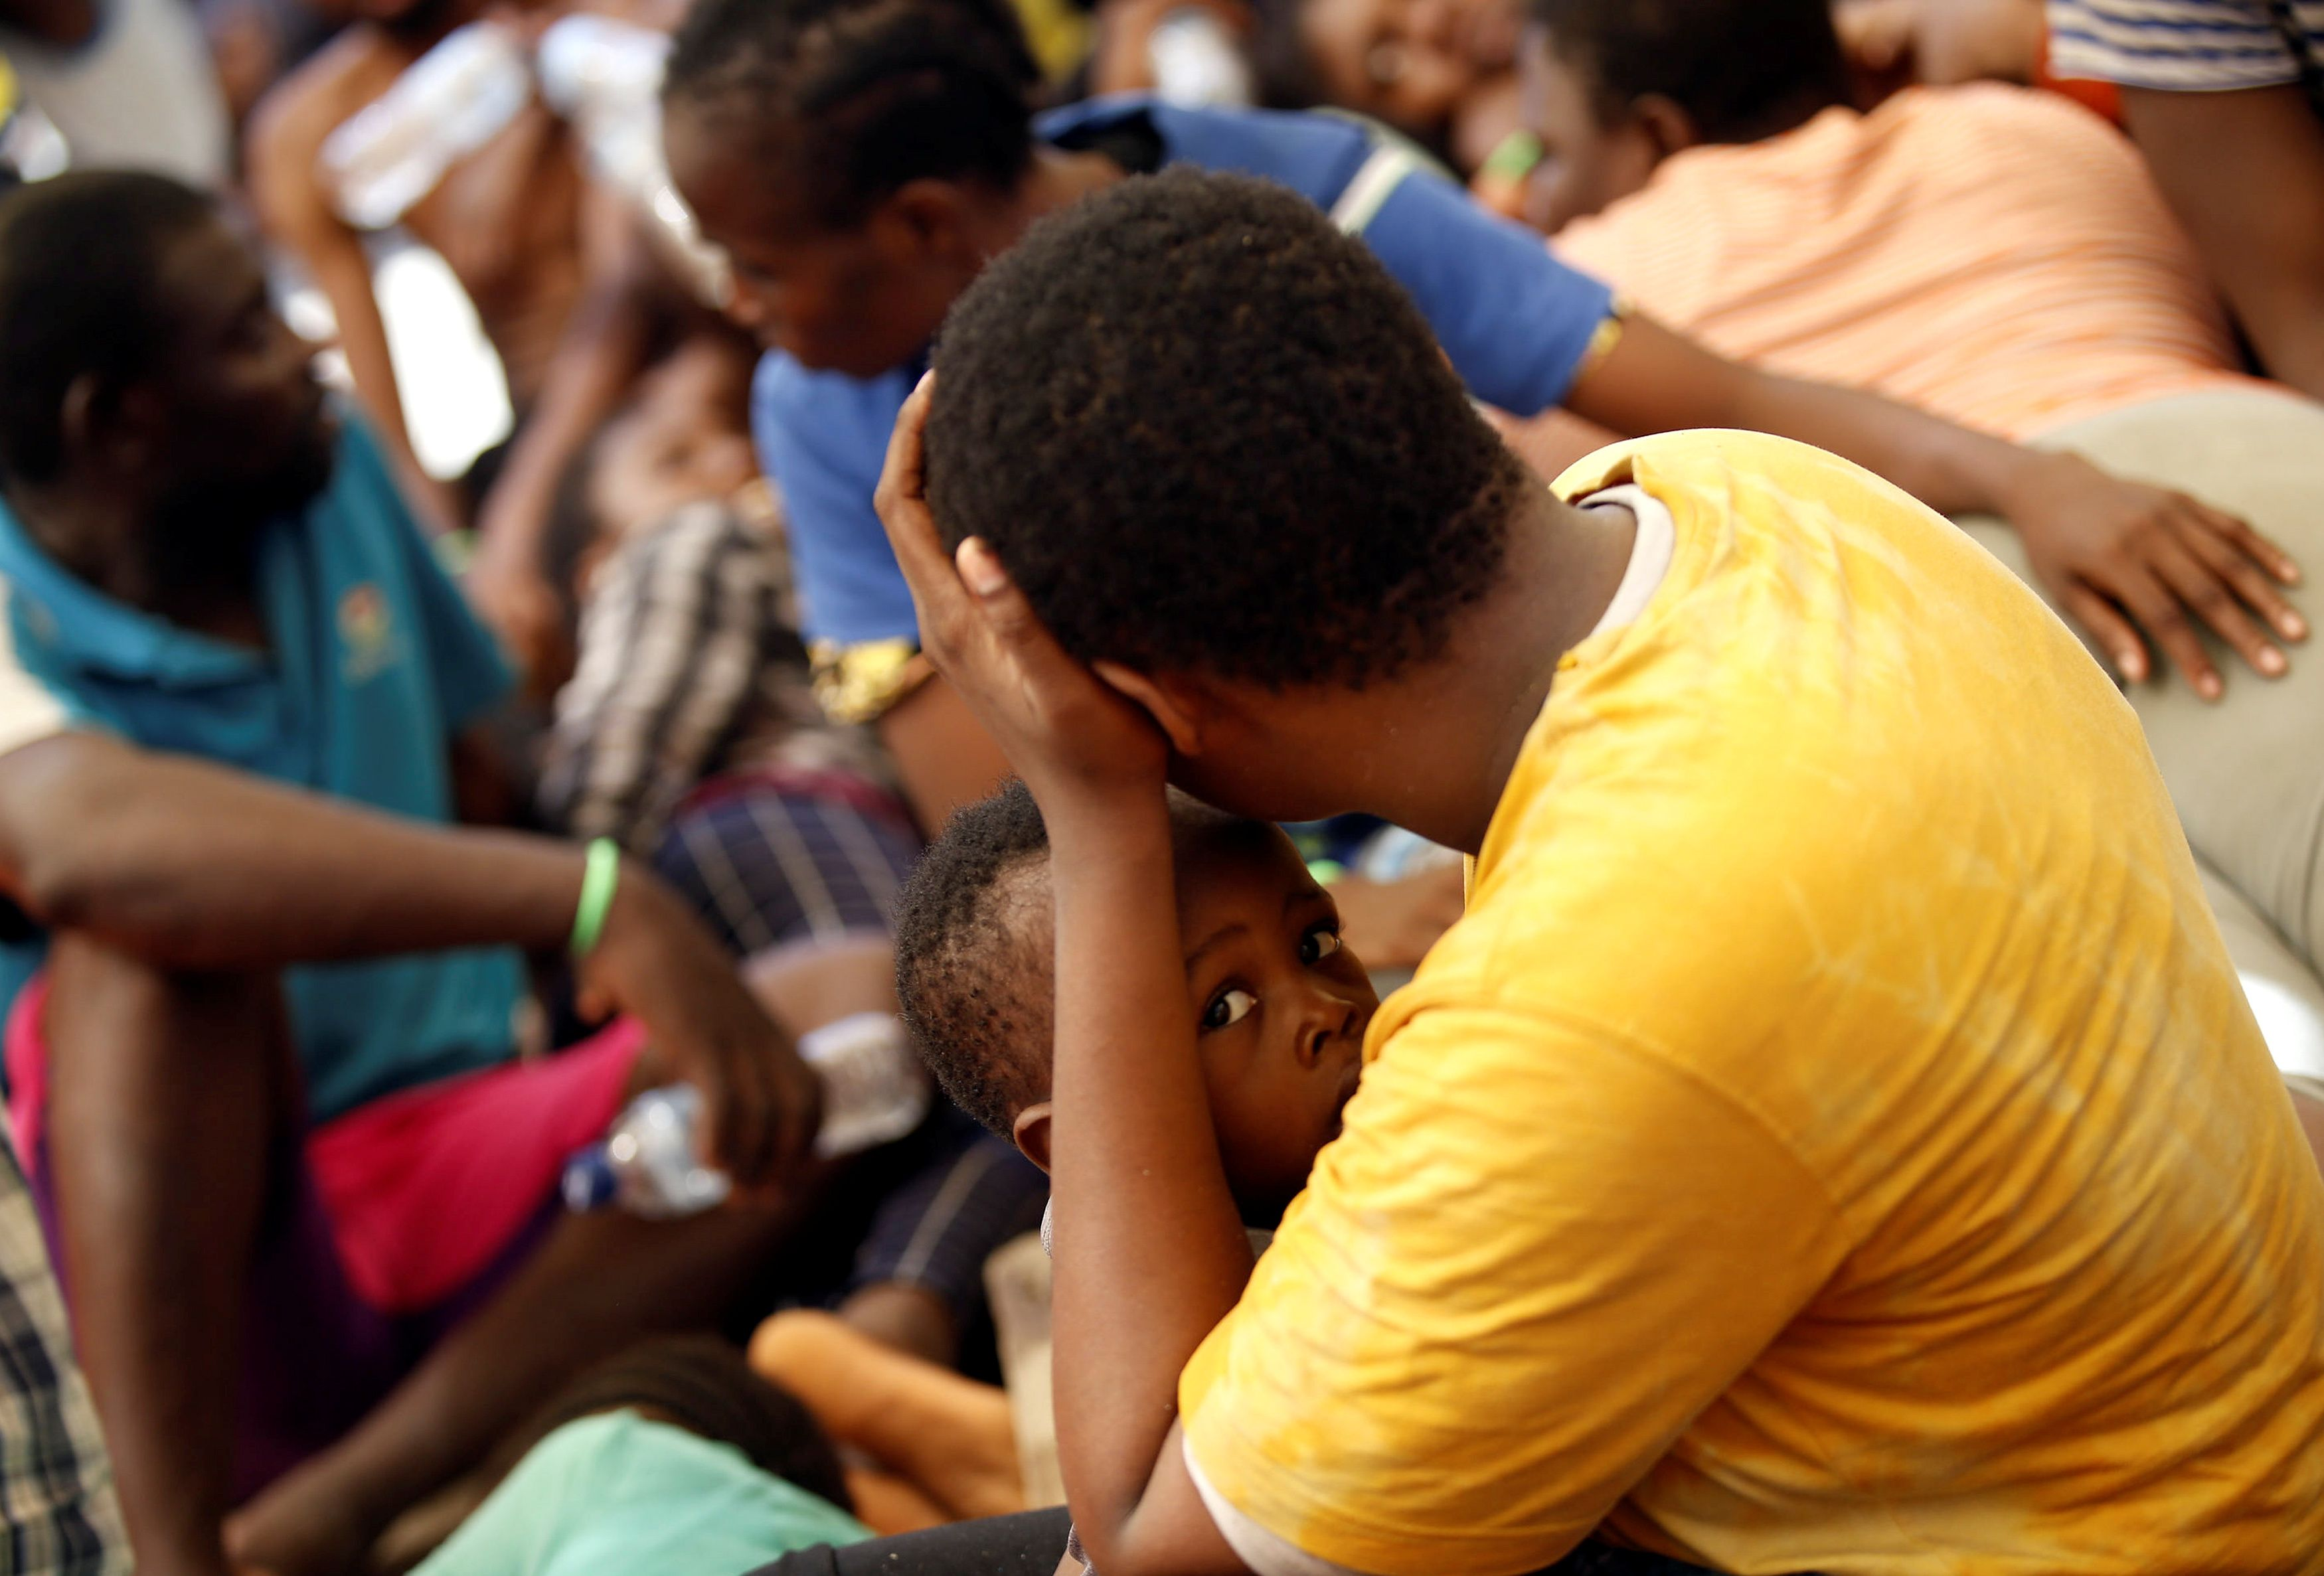 """Au cours des cinq derniers jours, plus de 6 000 personnes ont été sauvées entre l'Afrique du Nord et l'Italie. Parmi elles, l'association """"Save The Children"""" estime qu'il y a plus de 10 % de mineurs non accompagnés."""